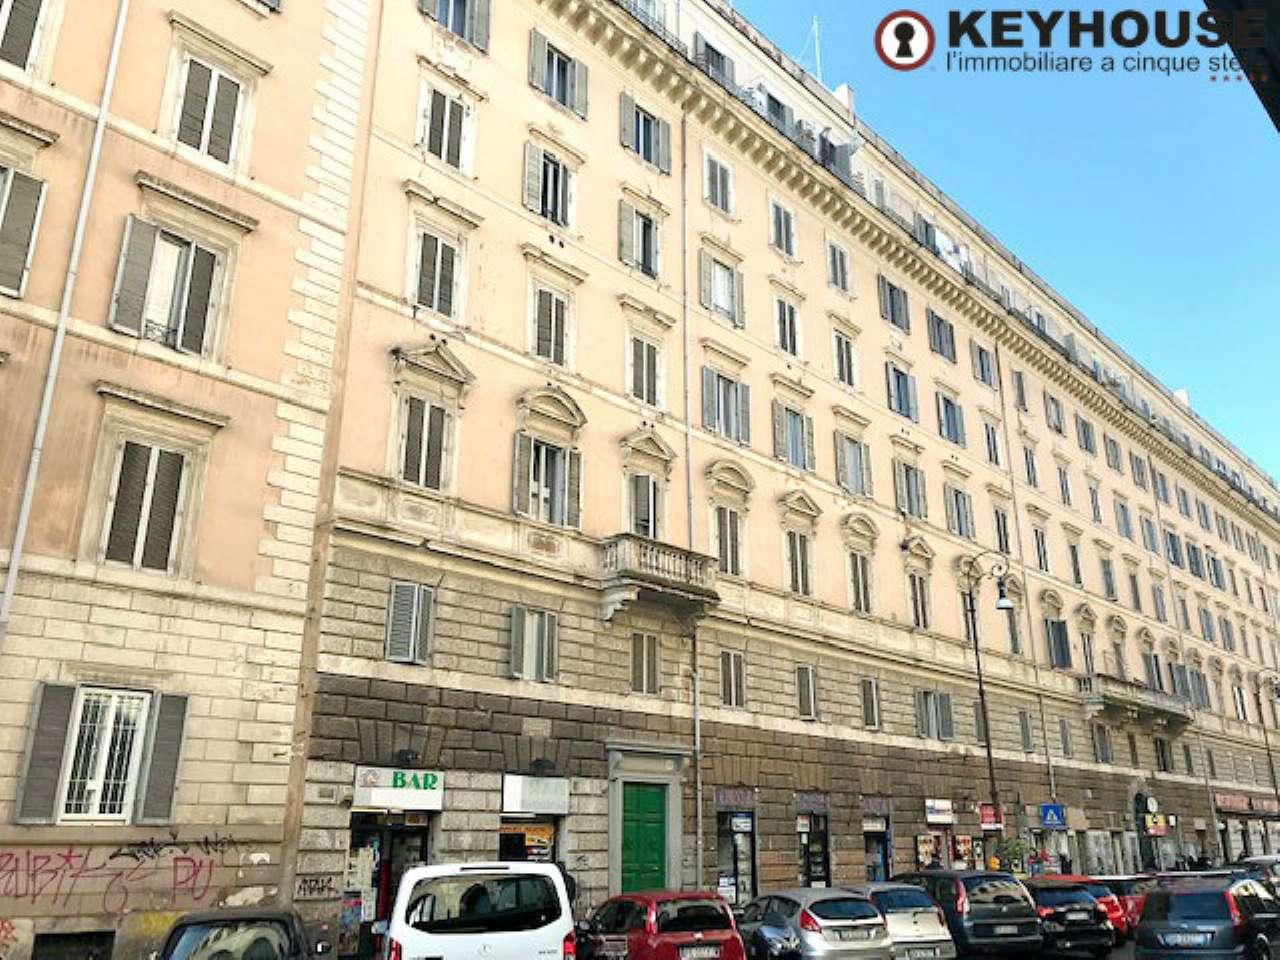 Appartamento in vendita a Roma, 5 locali, zona Zona: 7 . Esquilino, San Lorenzo, Termini, prezzo € 490.000 | CambioCasa.it